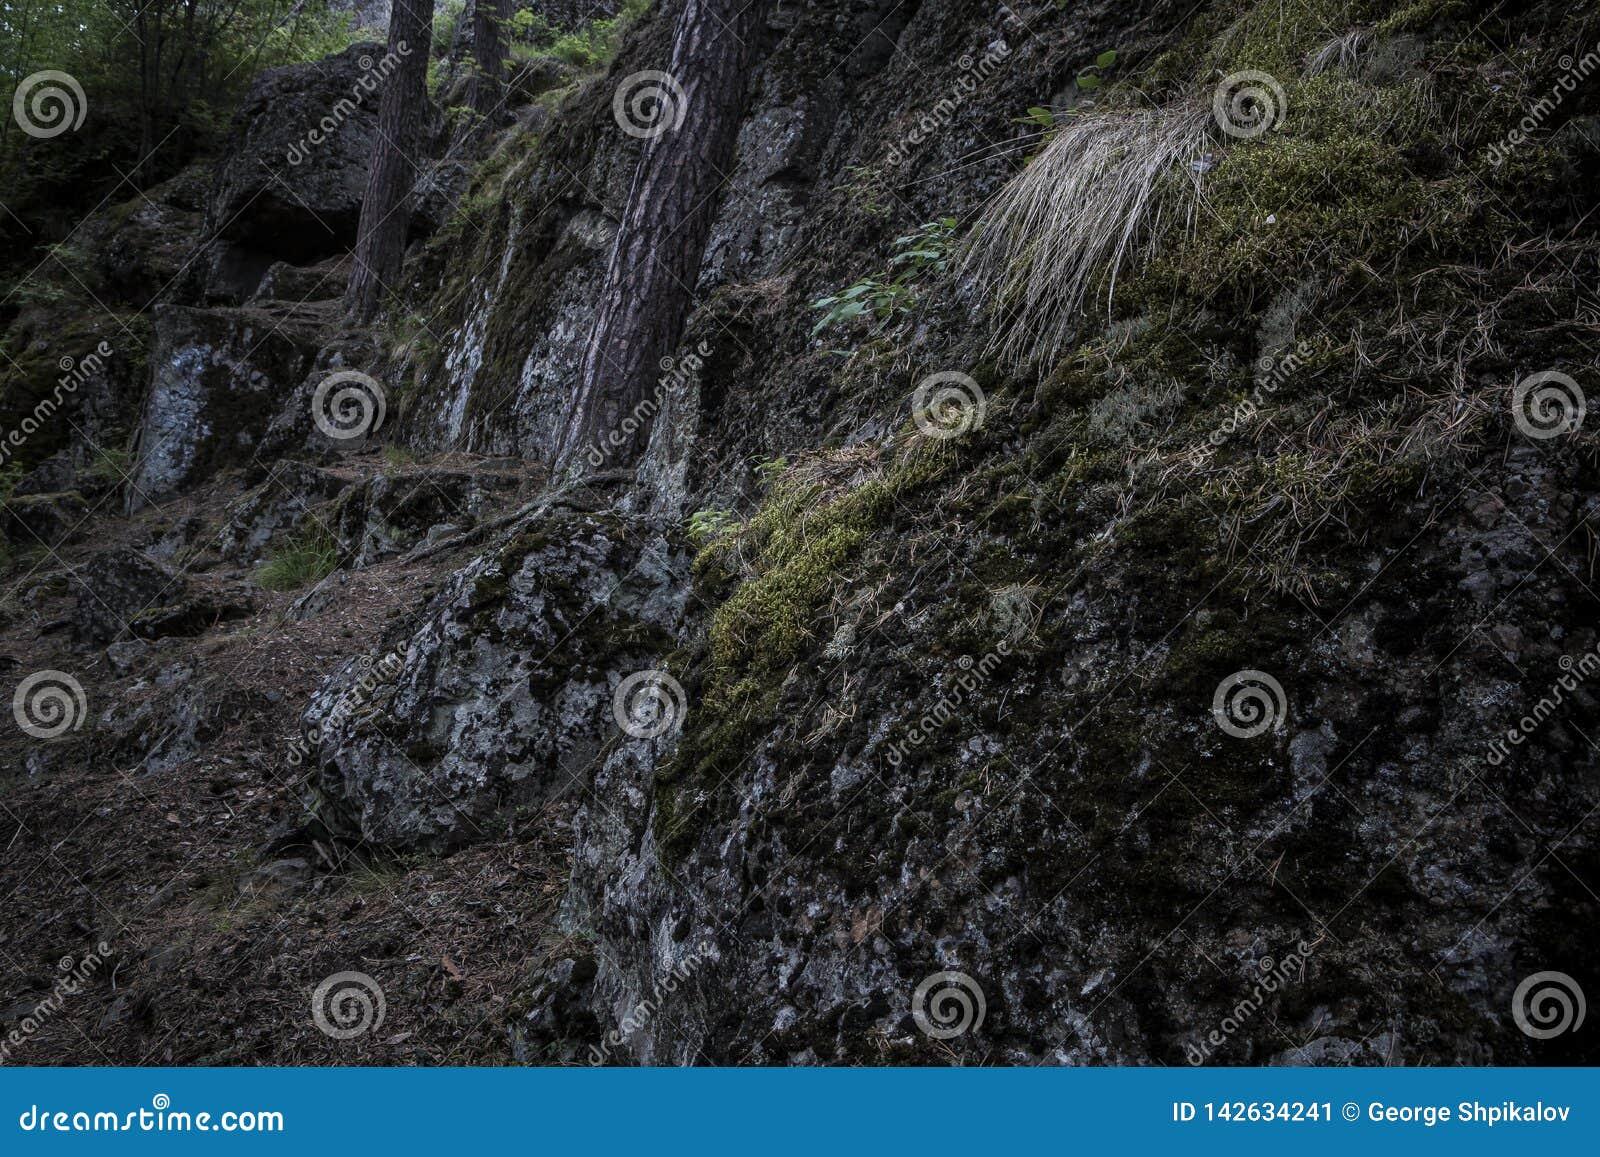 Donkere keien die in mos in het hout met bomen worden behandeld die groeien